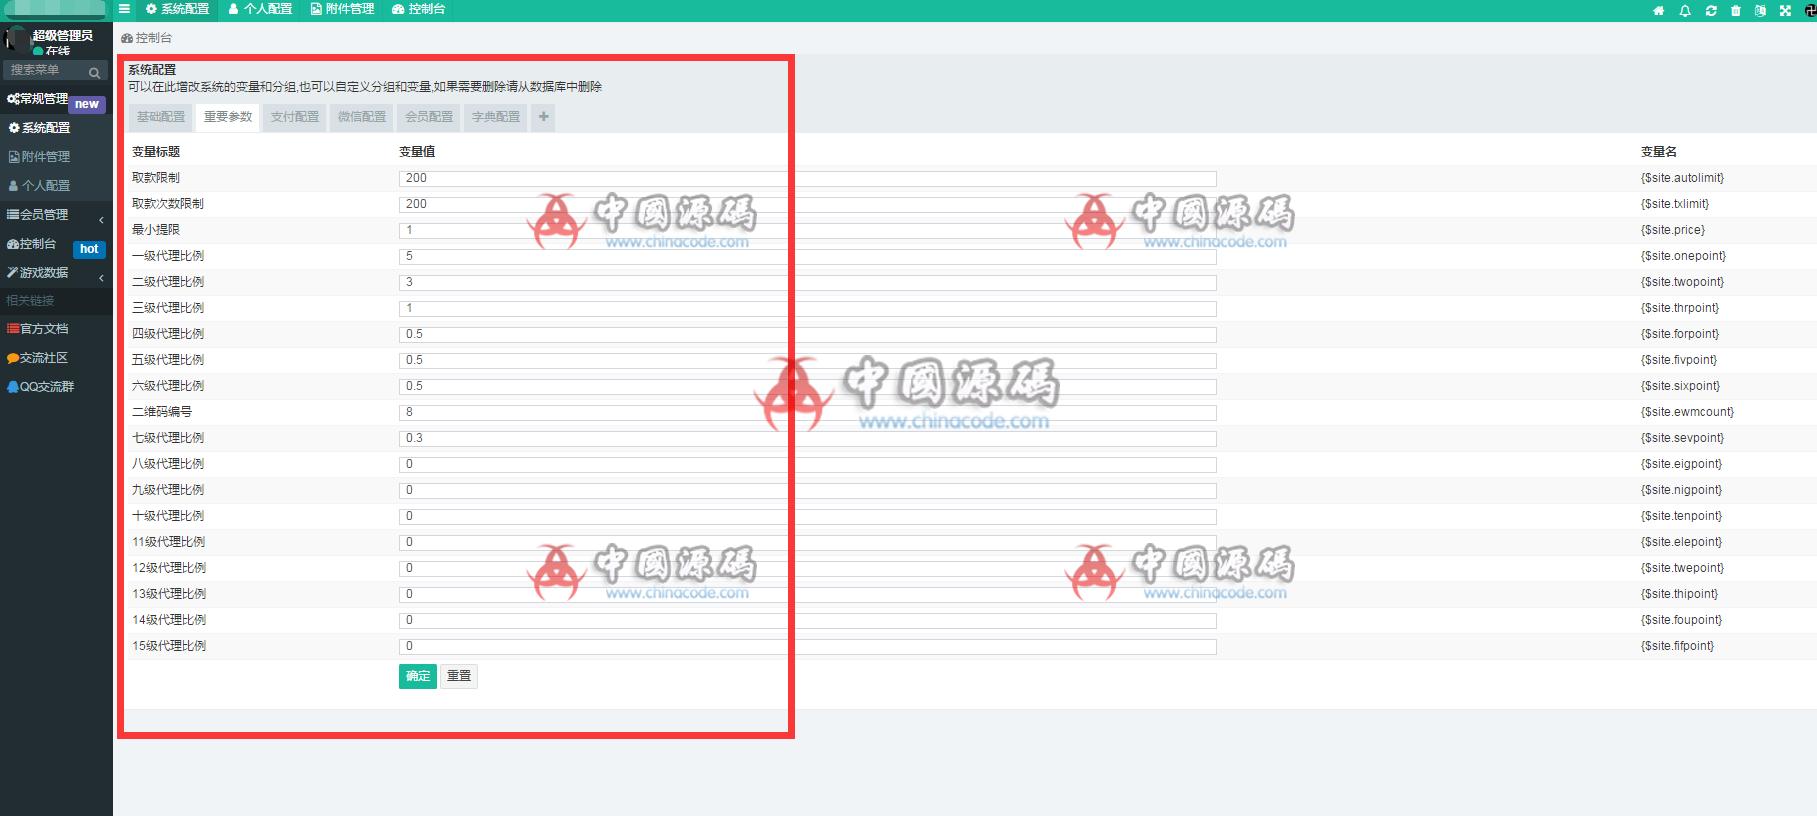 完美修复精秀币圈MAX源码对接第三方支付+视频安装教程 网站-第7张